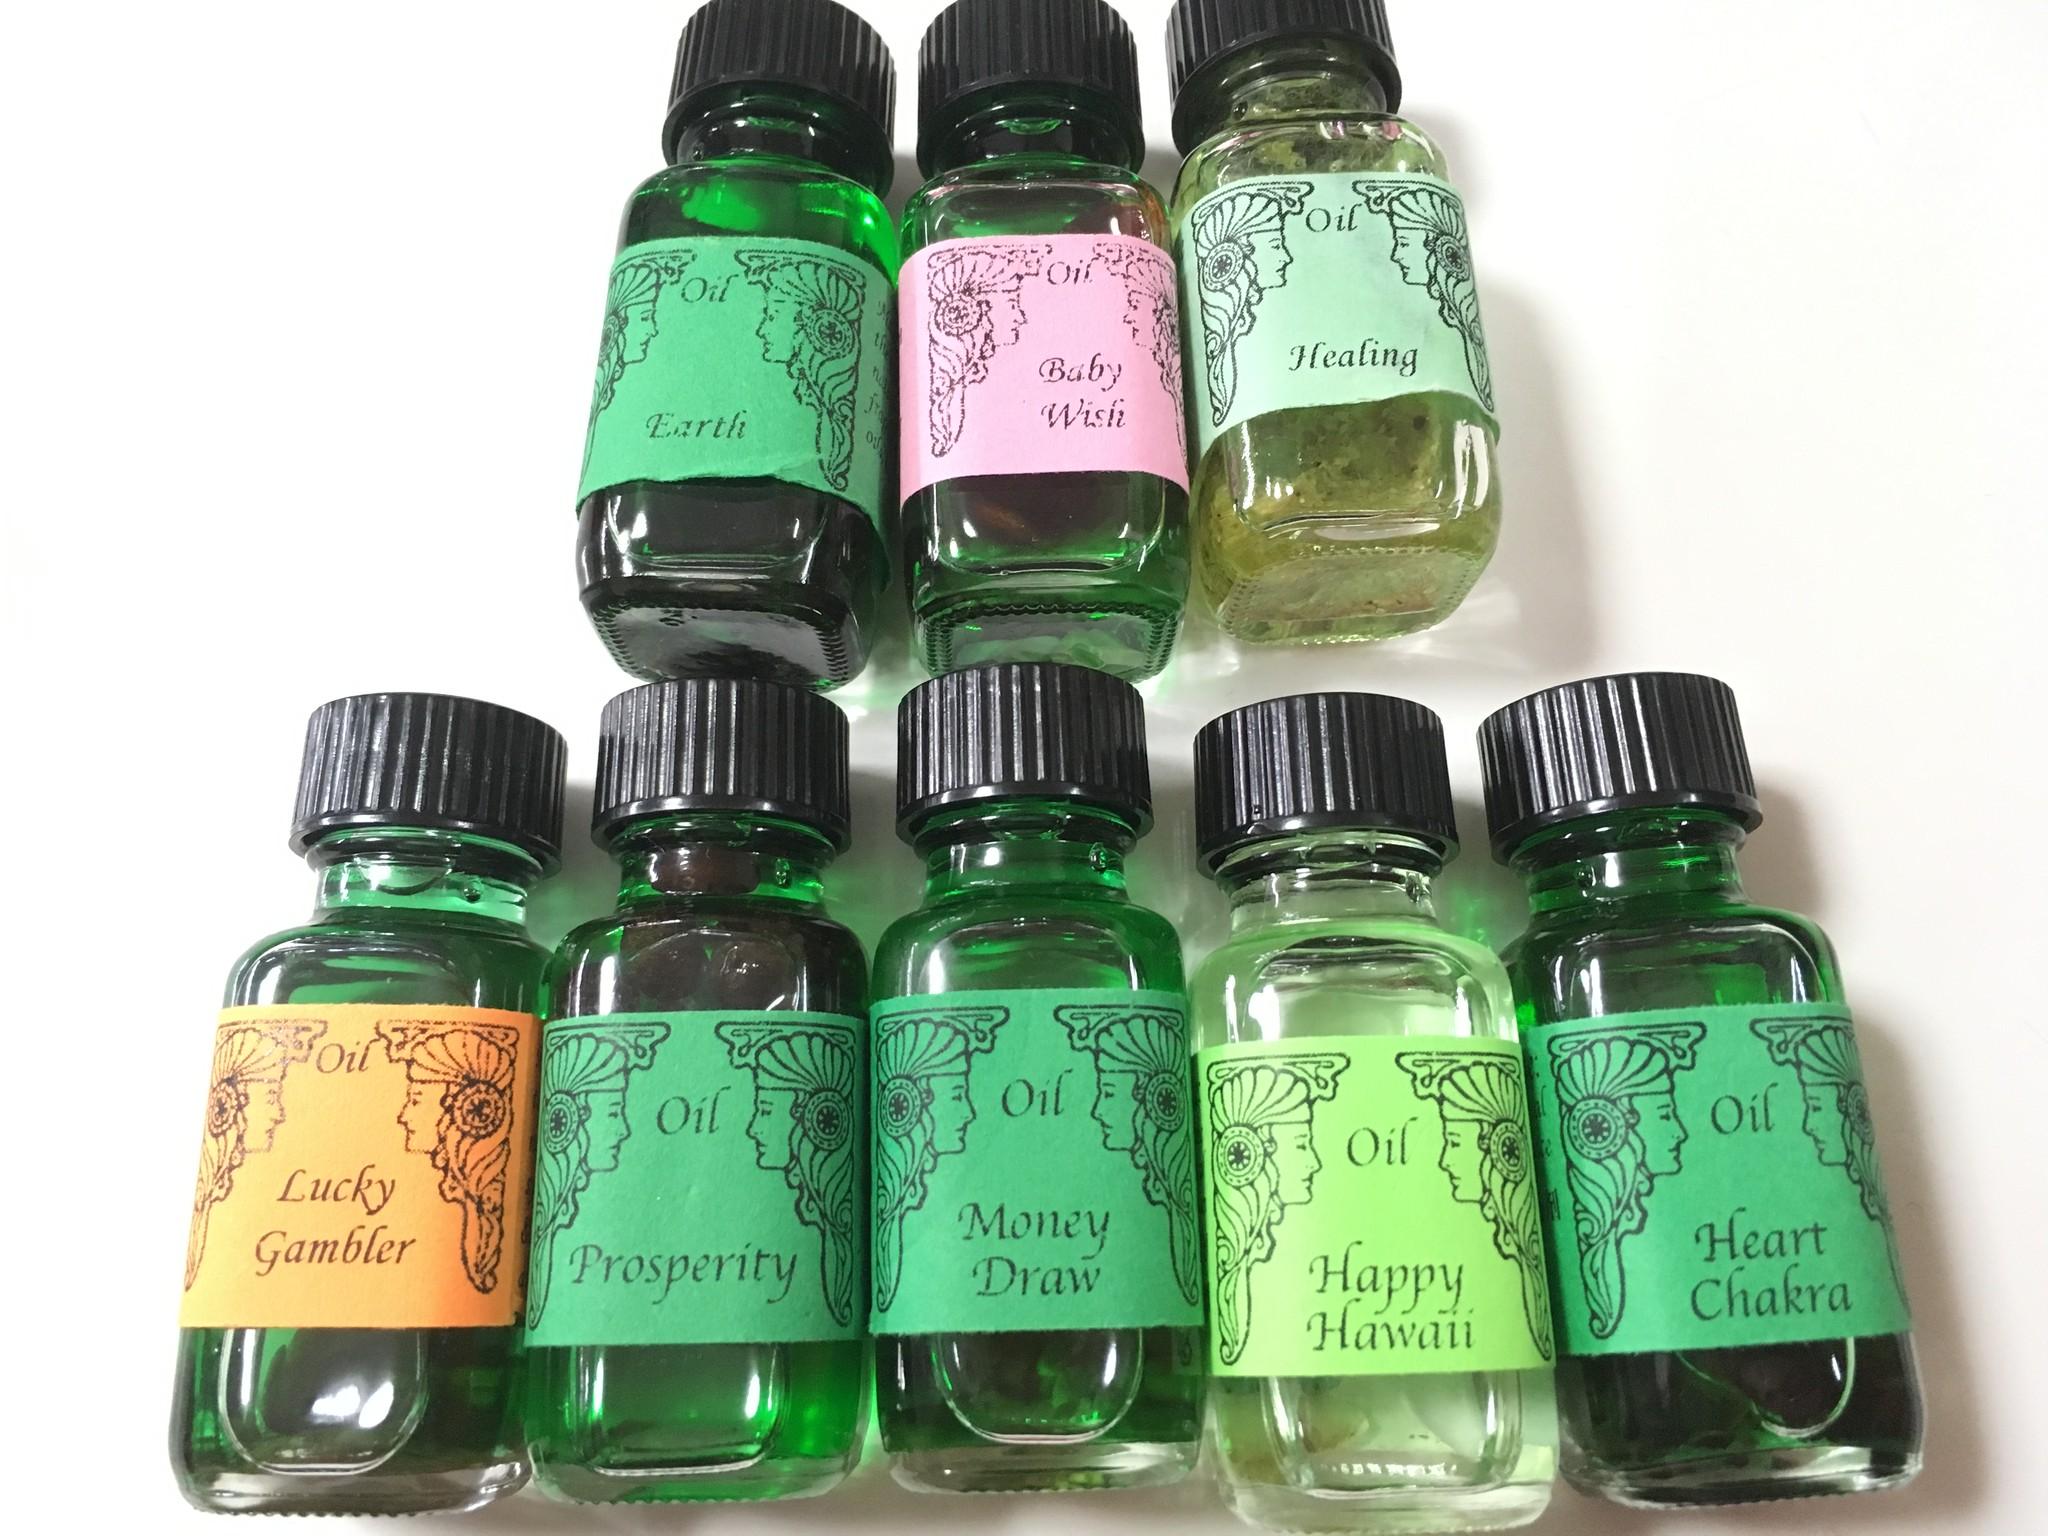 当店取扱いメモリーオイル一覧〜カラーでまとめたら、グリーンが一番多かったです。